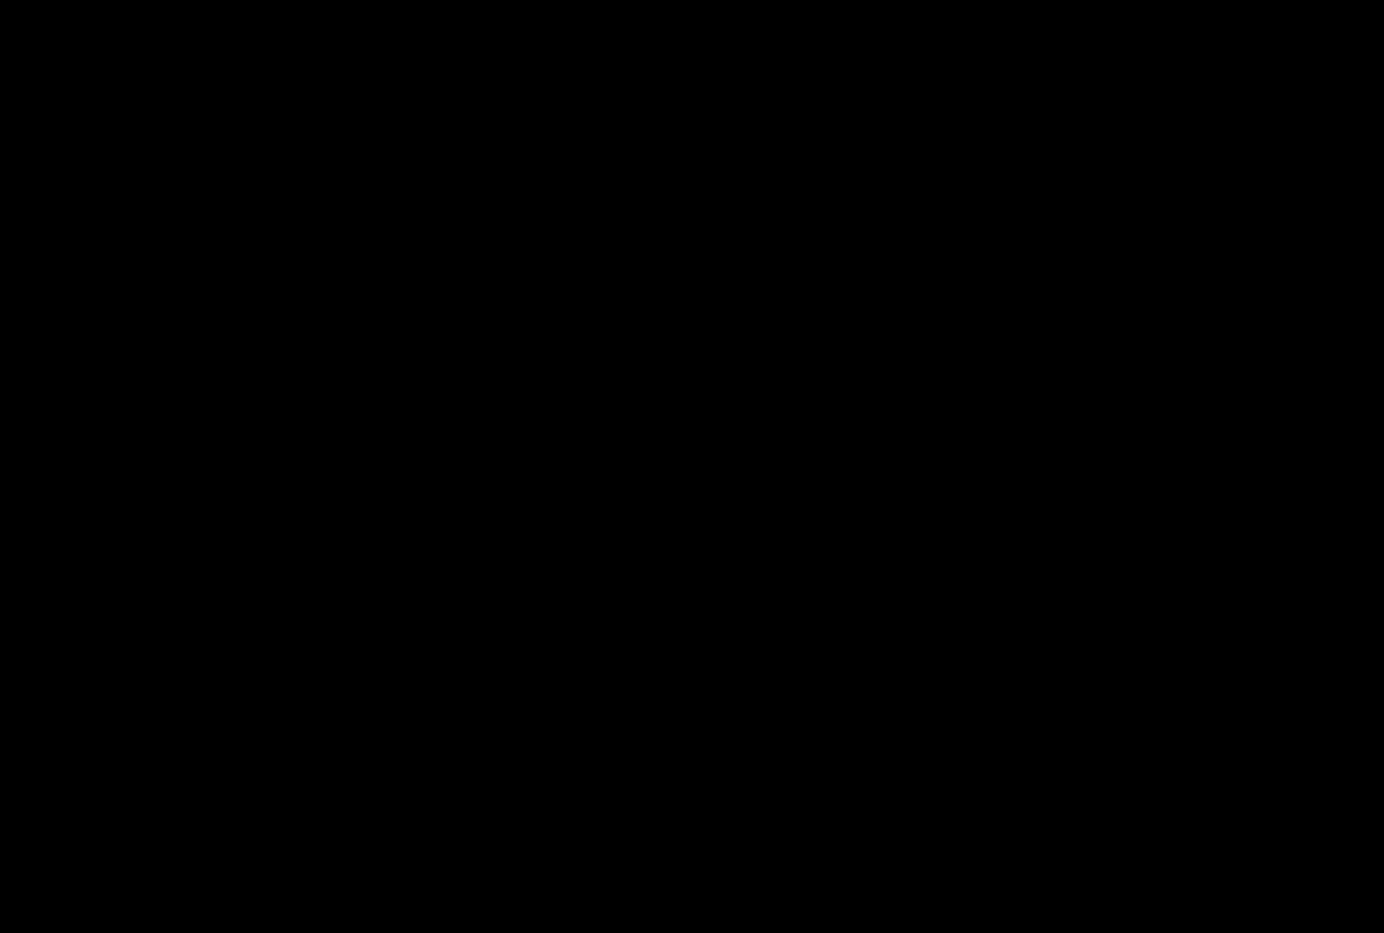 N-[4-[(2-Amino-3-chloro-4-pyridinyl)oxy]-3-fluorophenyl]-4-ethoxy-1-(4-fluorophenyl)-1,2-dihydro-2-oxo-3-pyridinecarboxamide